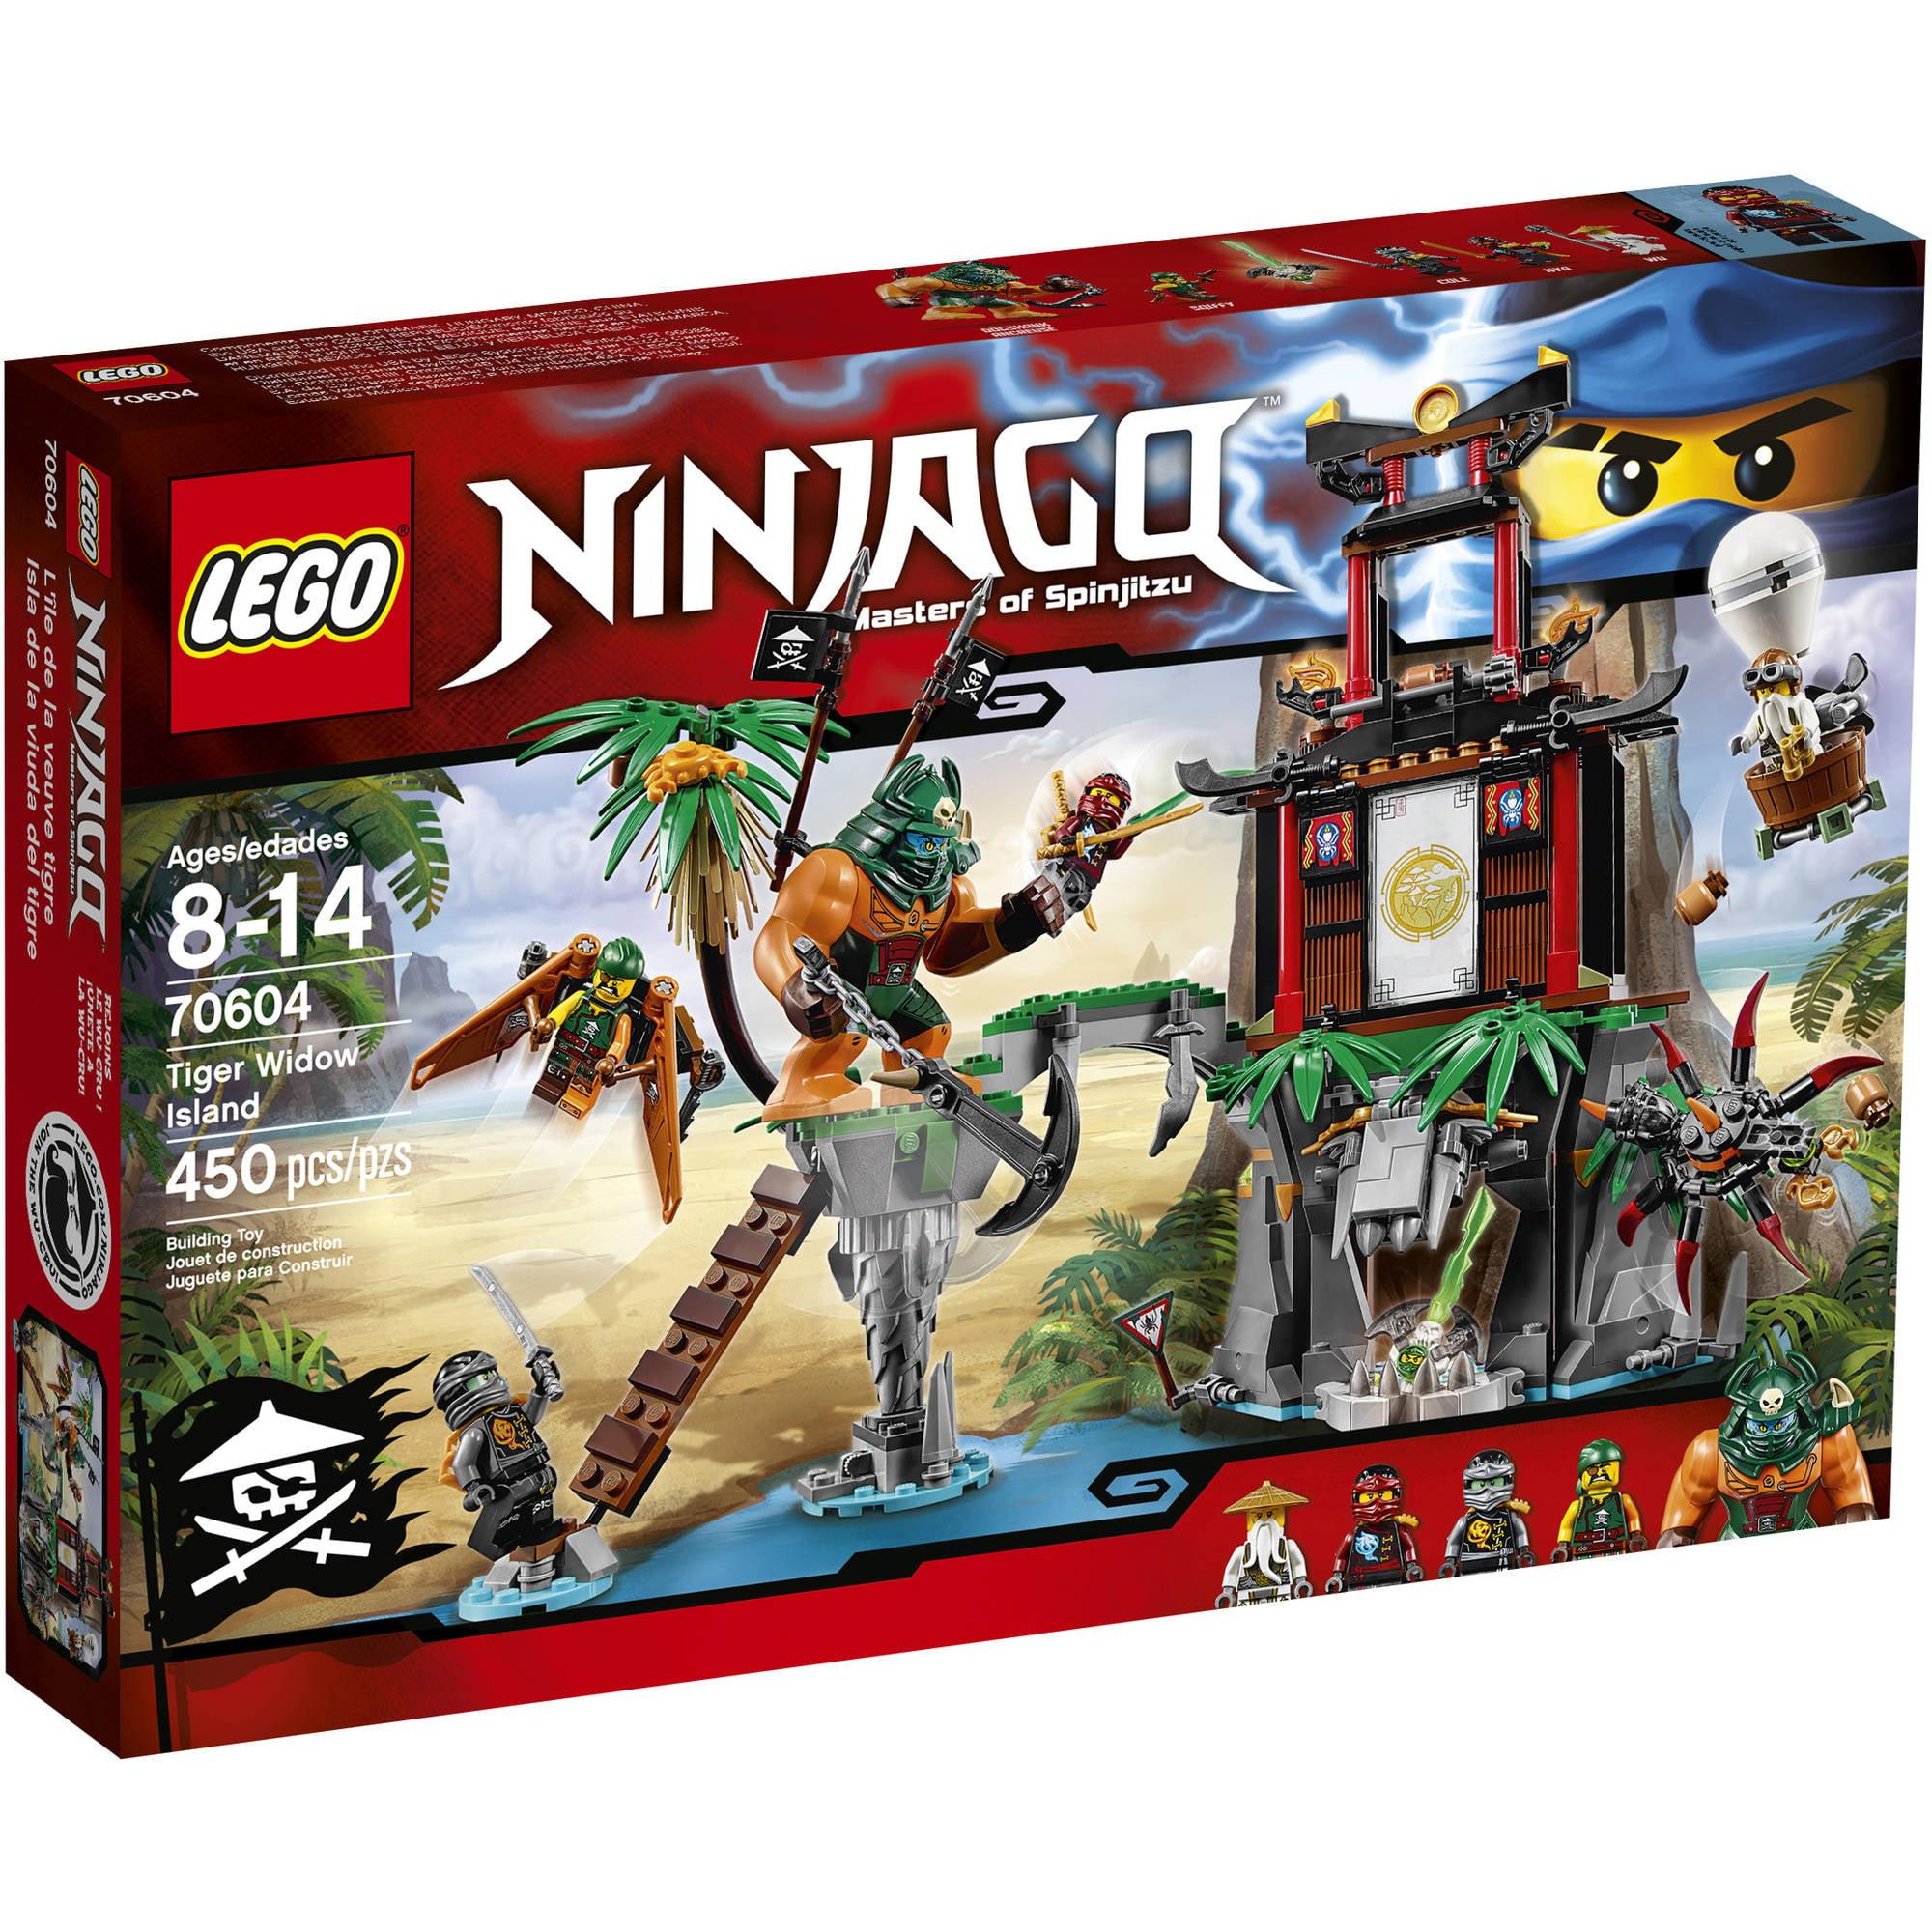 LEGO Ninjago Tiger Widow Island, 70604